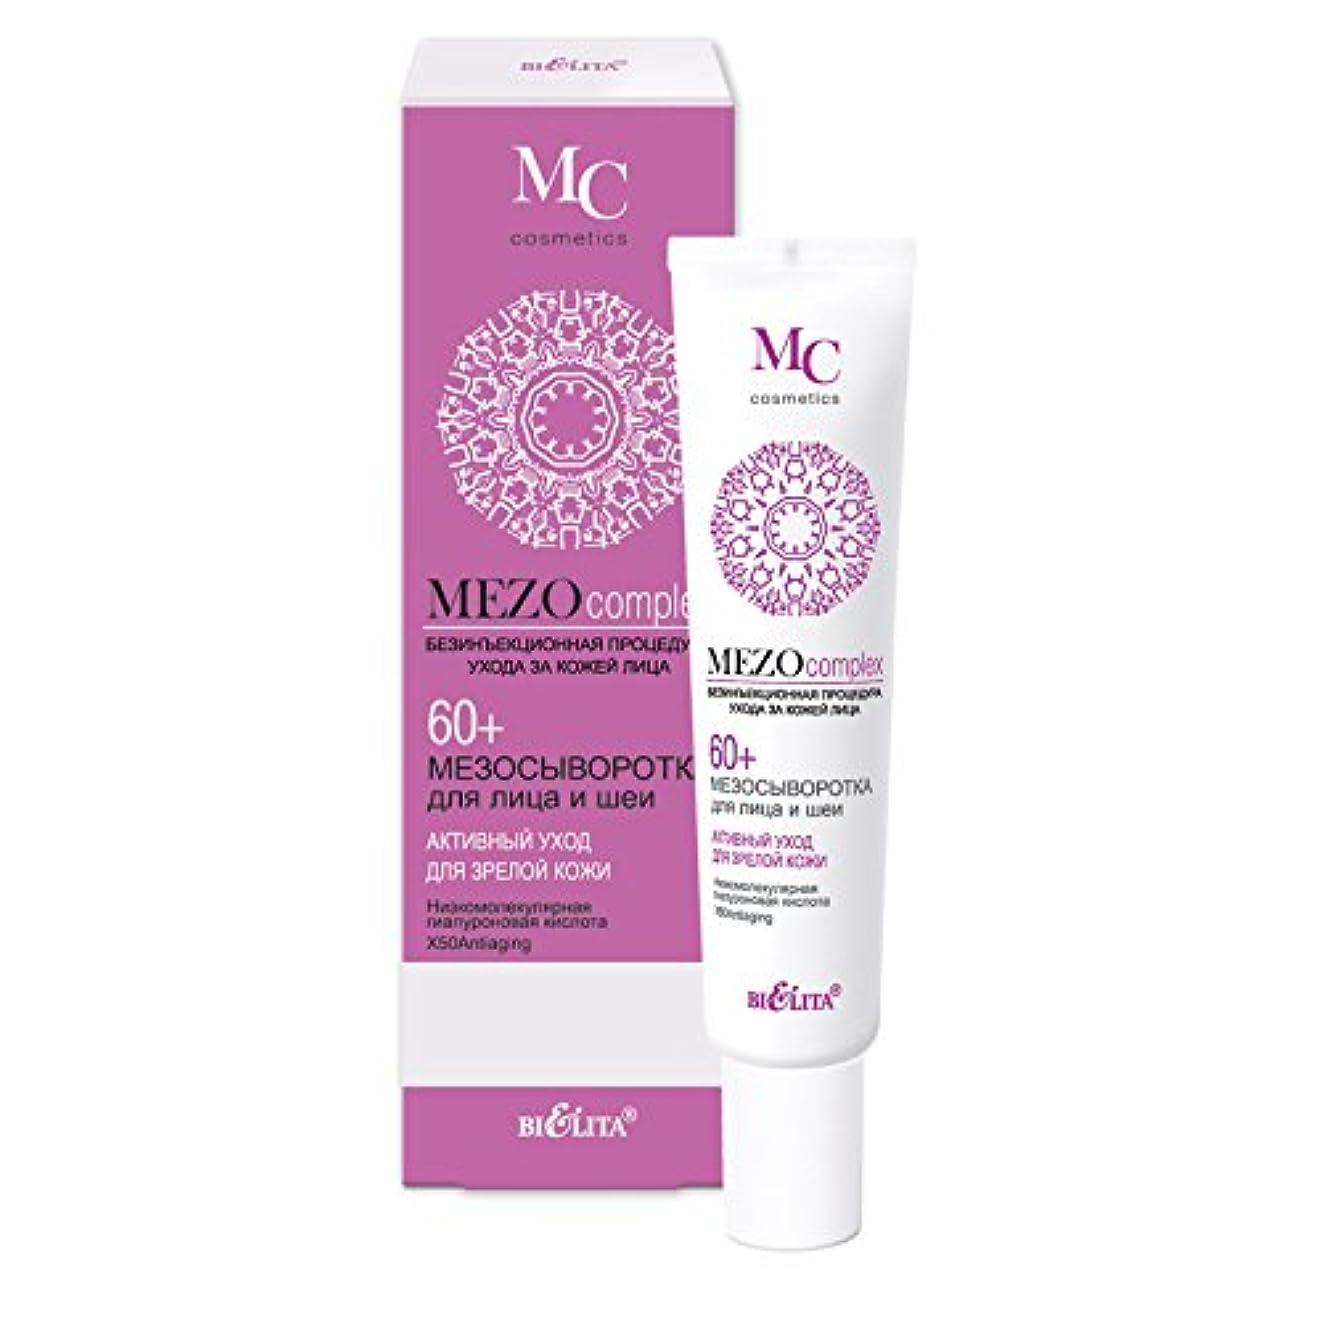 ふつうインレイ針Serum for face and neck (MEZO) tightens and smoothes the skin and increases the density of the skin 20 ml